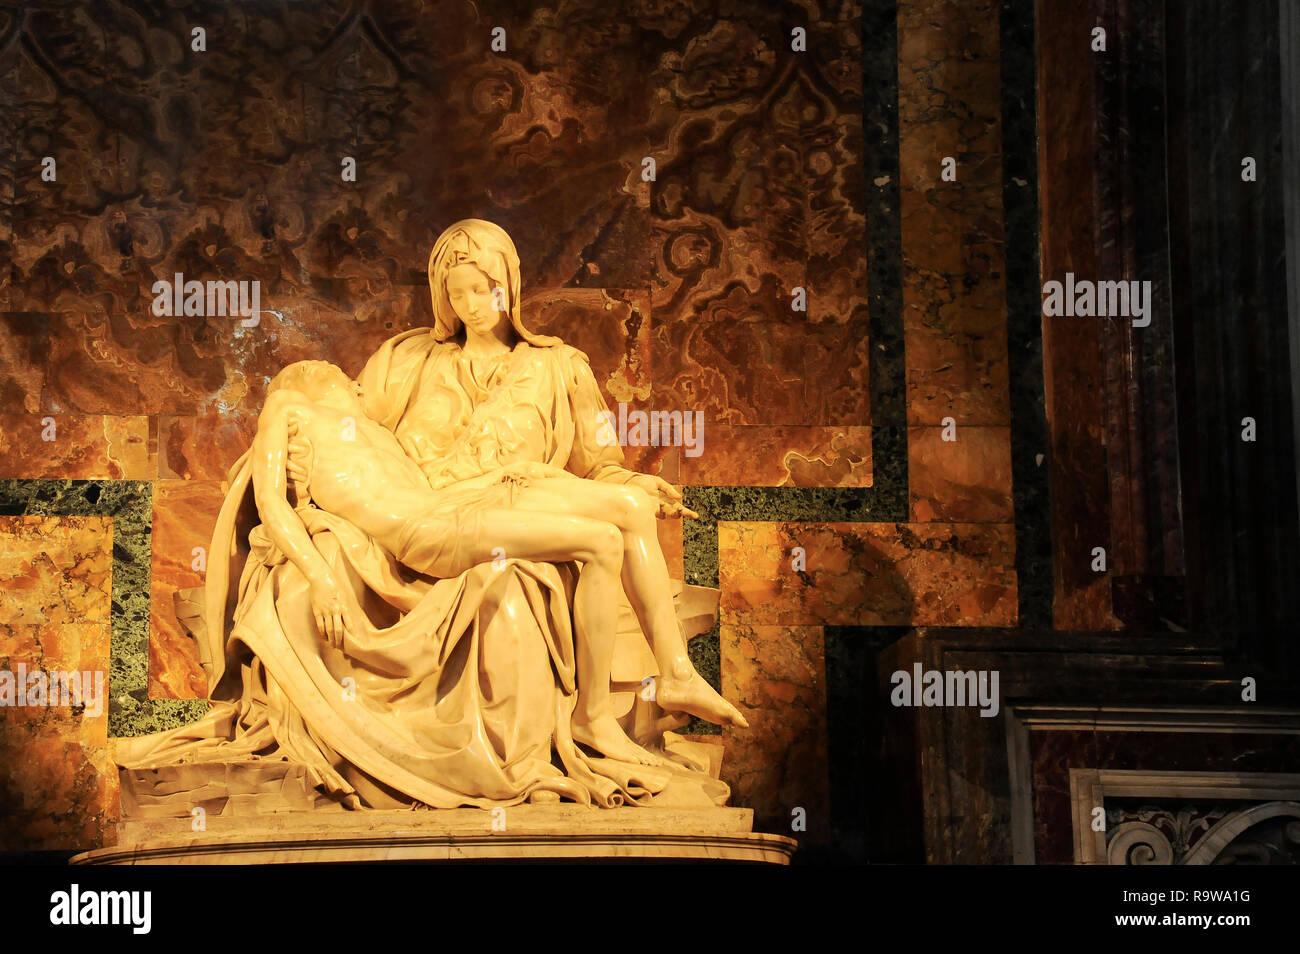 Roma, CIUDAD DEL VATICANO - Octubre 10, 2018: La Pietà di Michelangelo (la pena), 1498-1499, ubicado en la Basílica de San Pedro en Roma Imagen De Stock